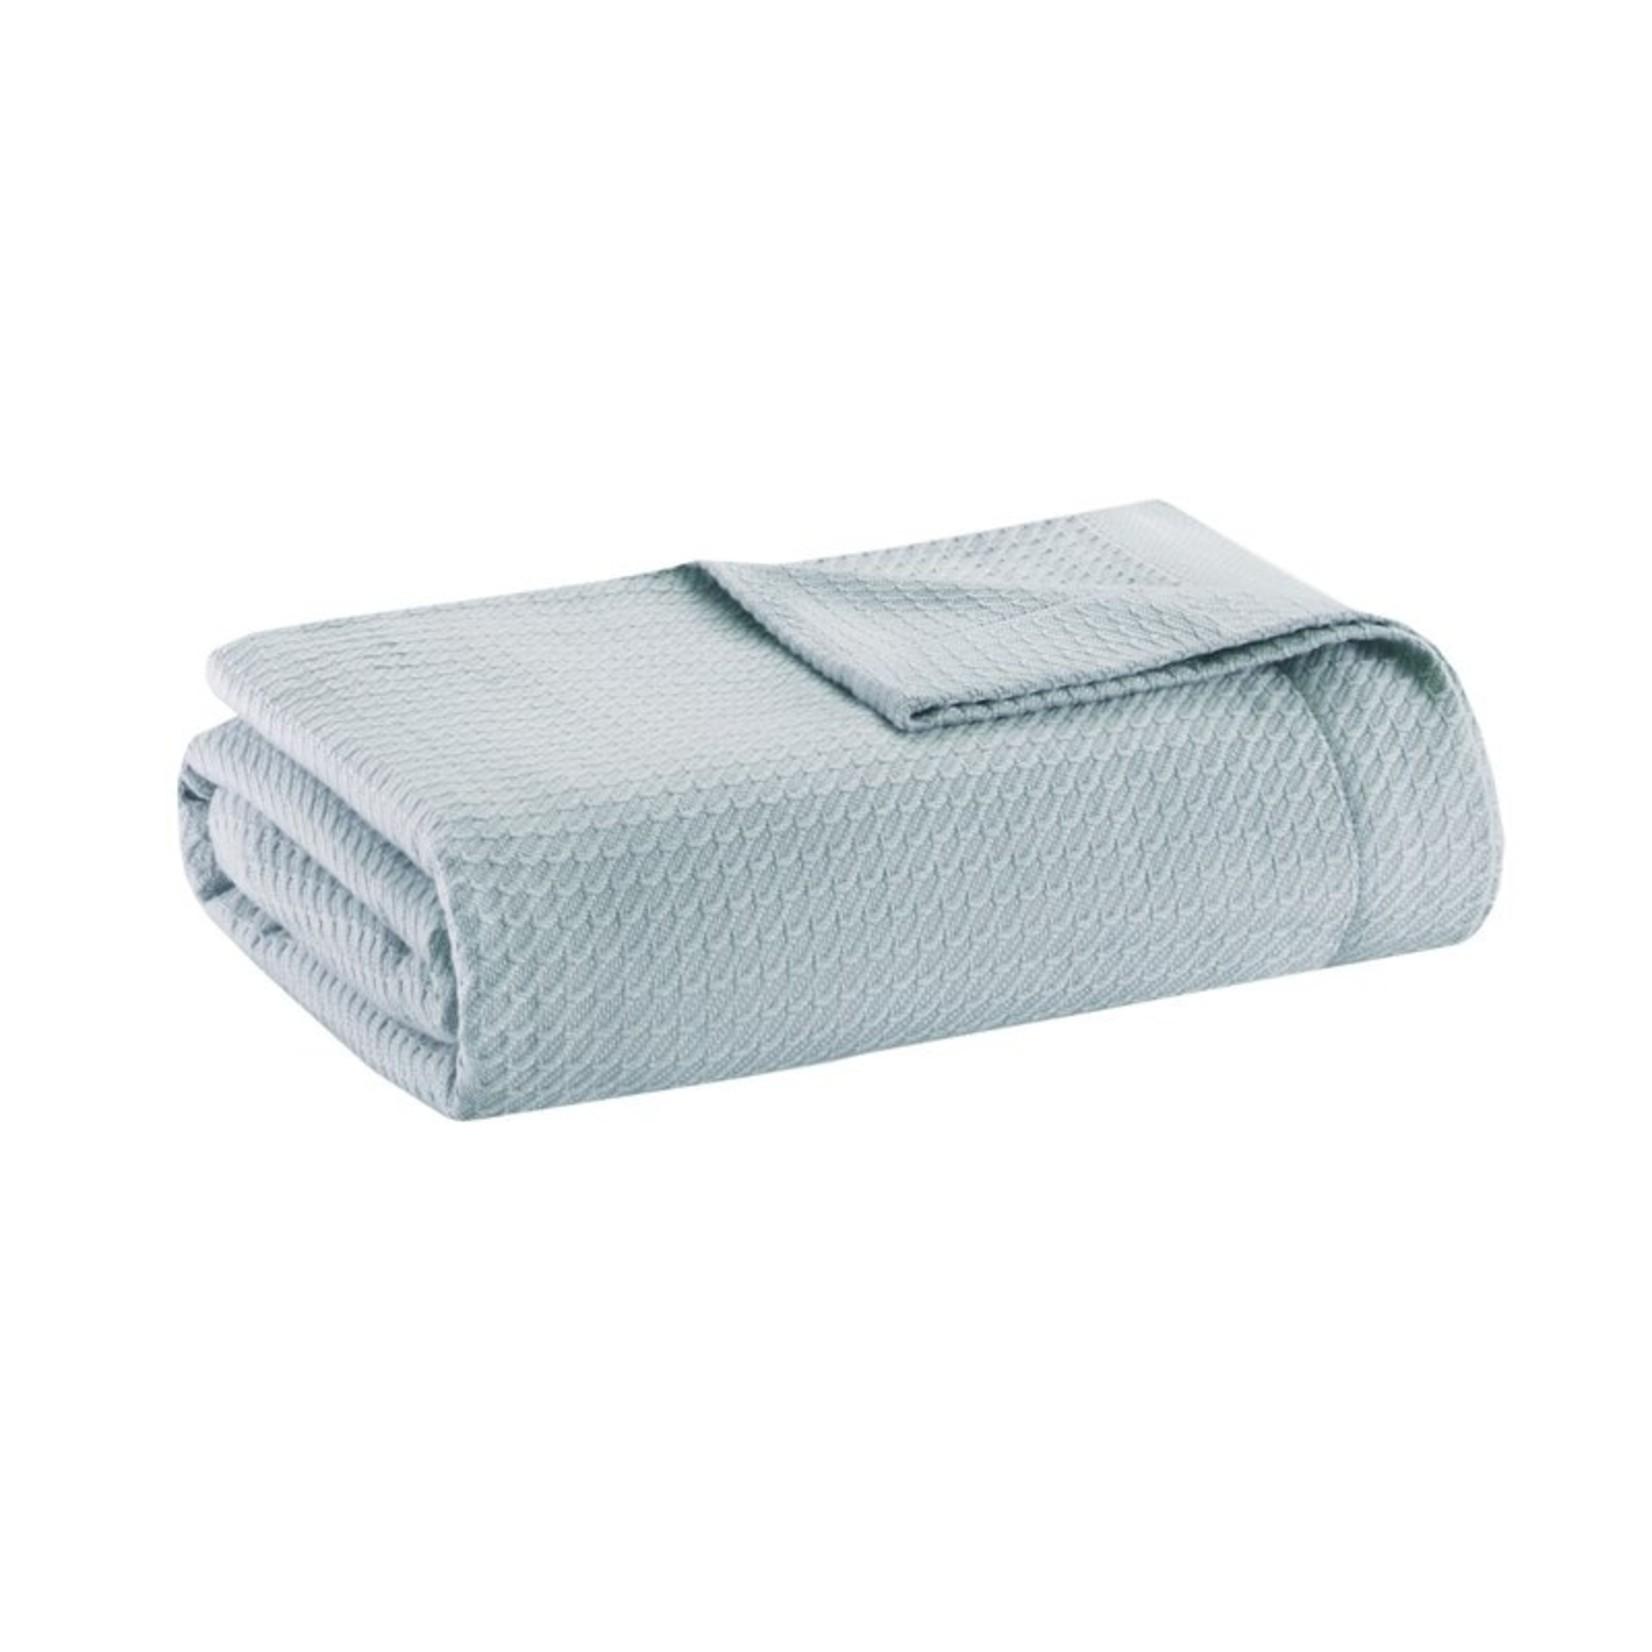 *King - Adora 100% Cotton Blanket - Final Sale